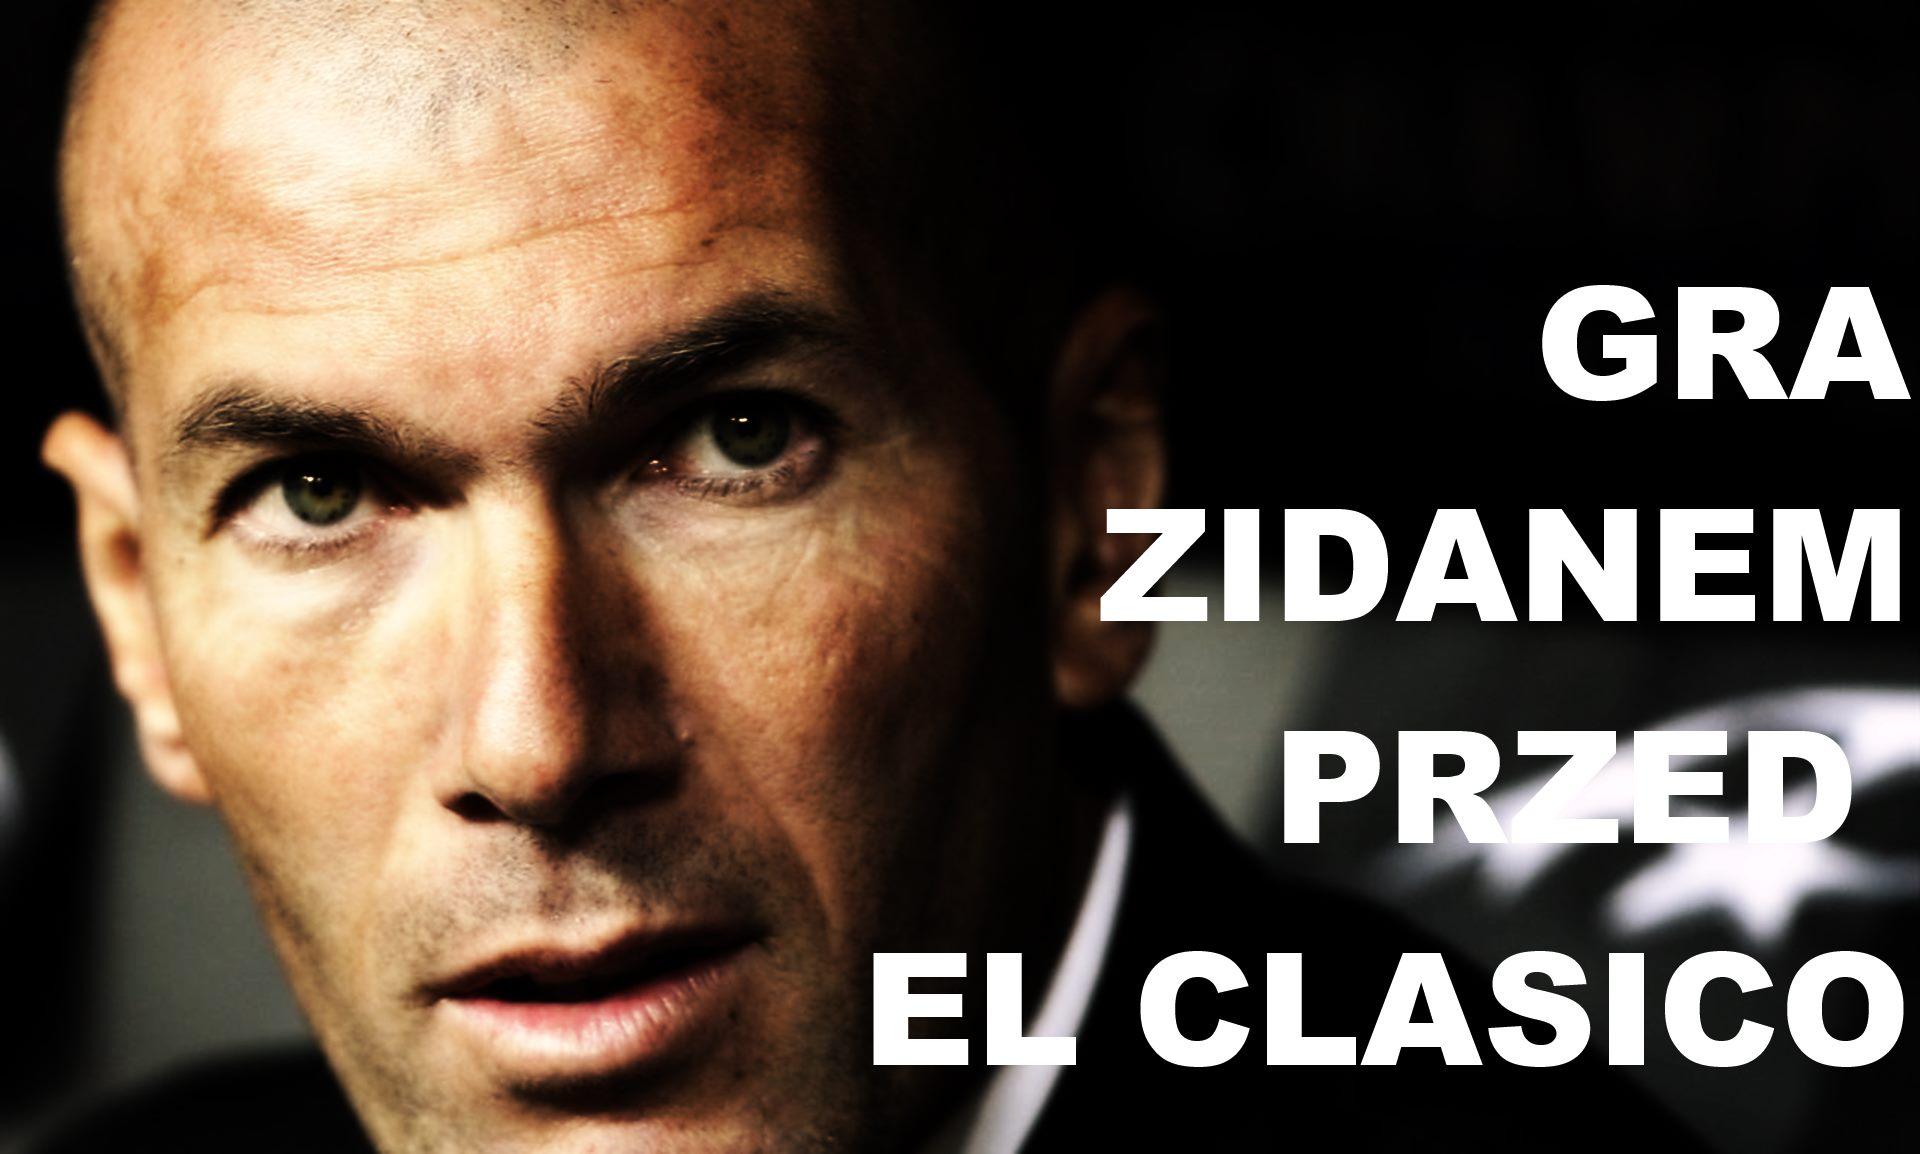 15 Listopada Mecz Gra Zidanem Przed El Clas